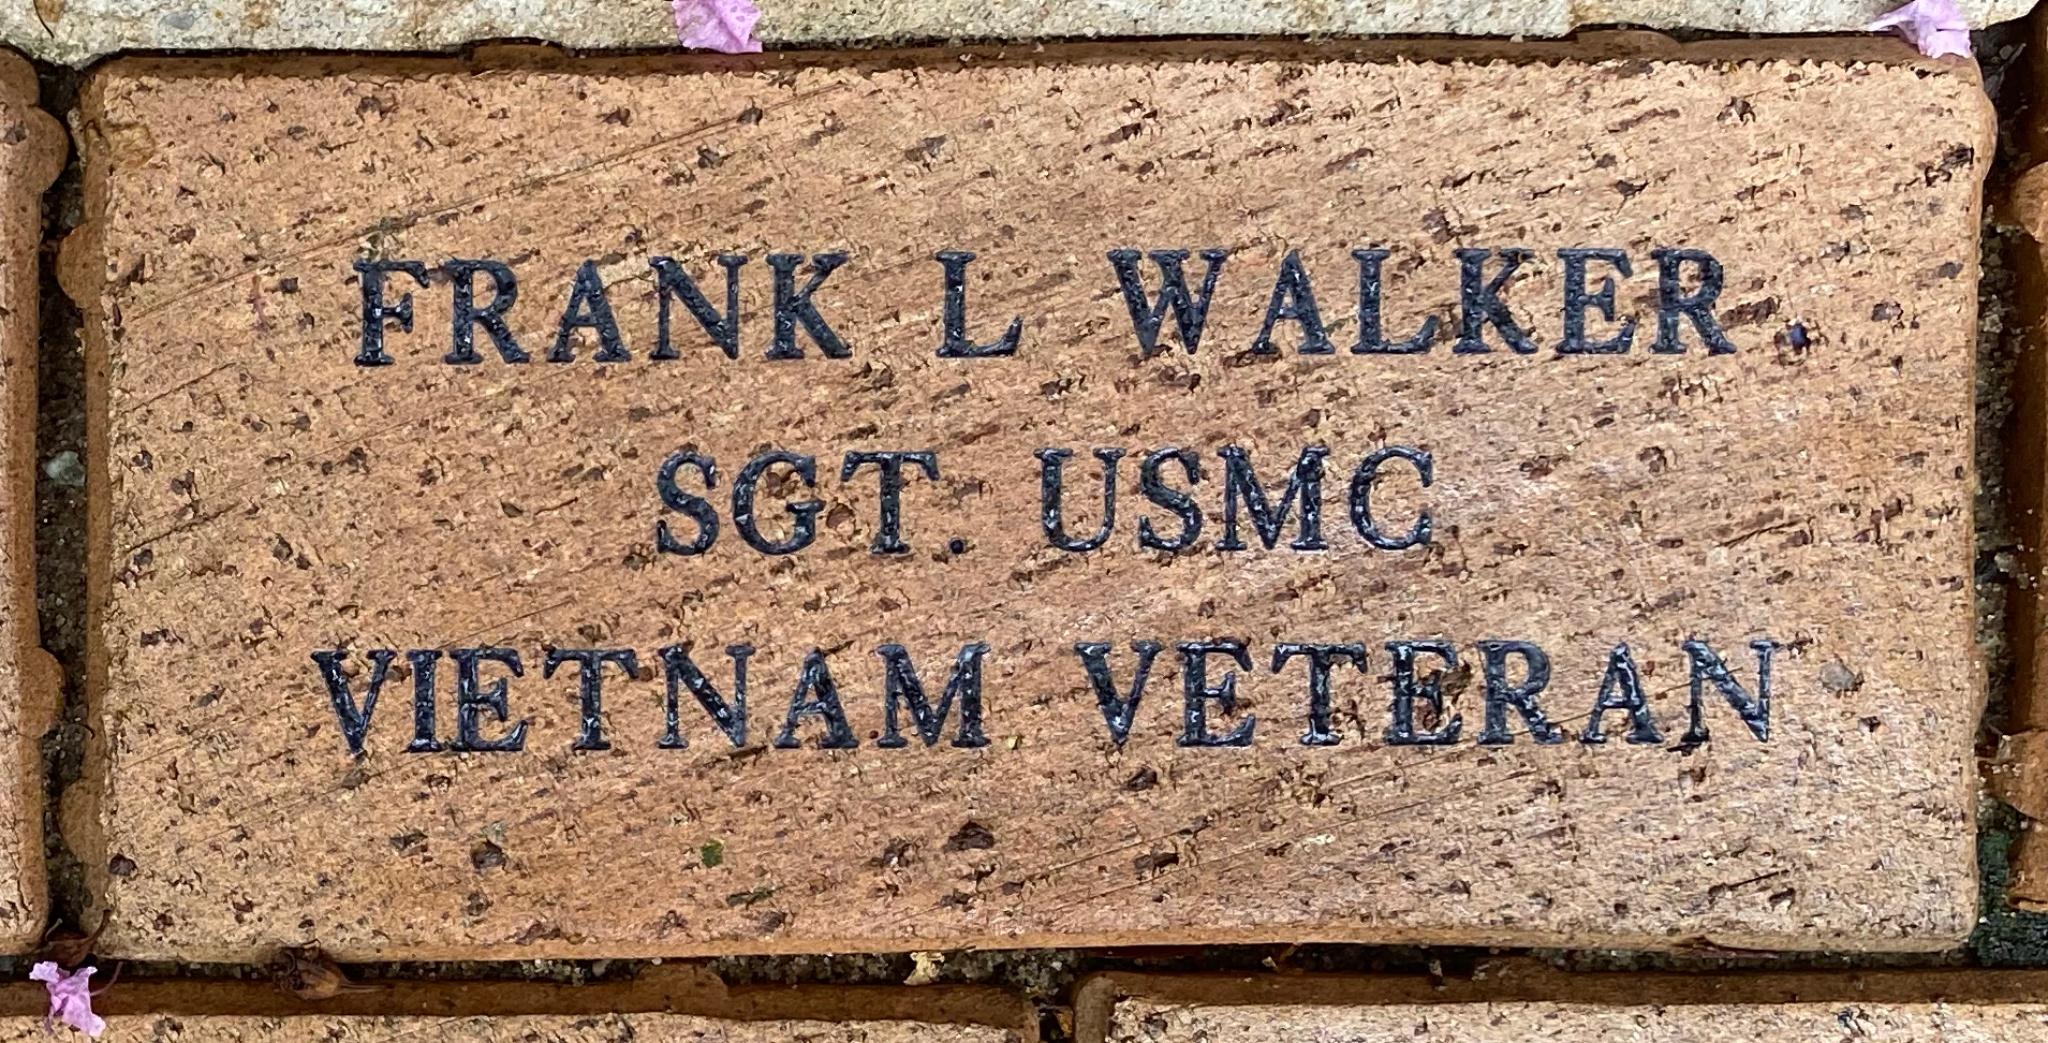 FRANK L. WALKER SGT. USMC VIETNAM VETERAN